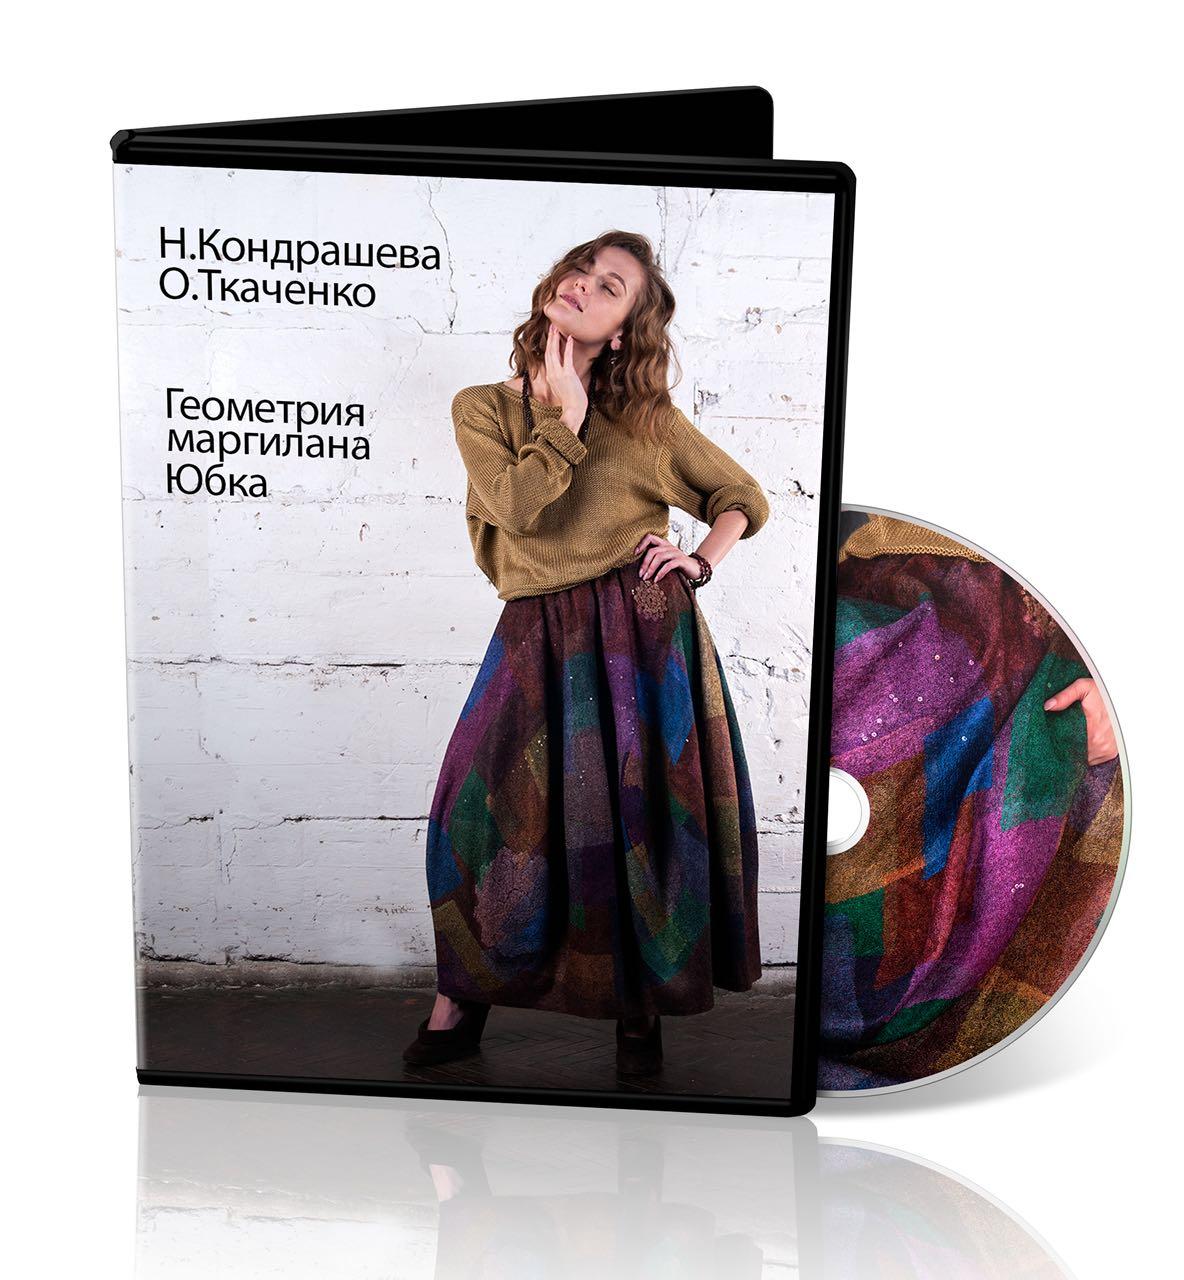 """Видеокурс """"Геометрия маргилана"""" О.Ткаченко и Н.Кондрашевой"""